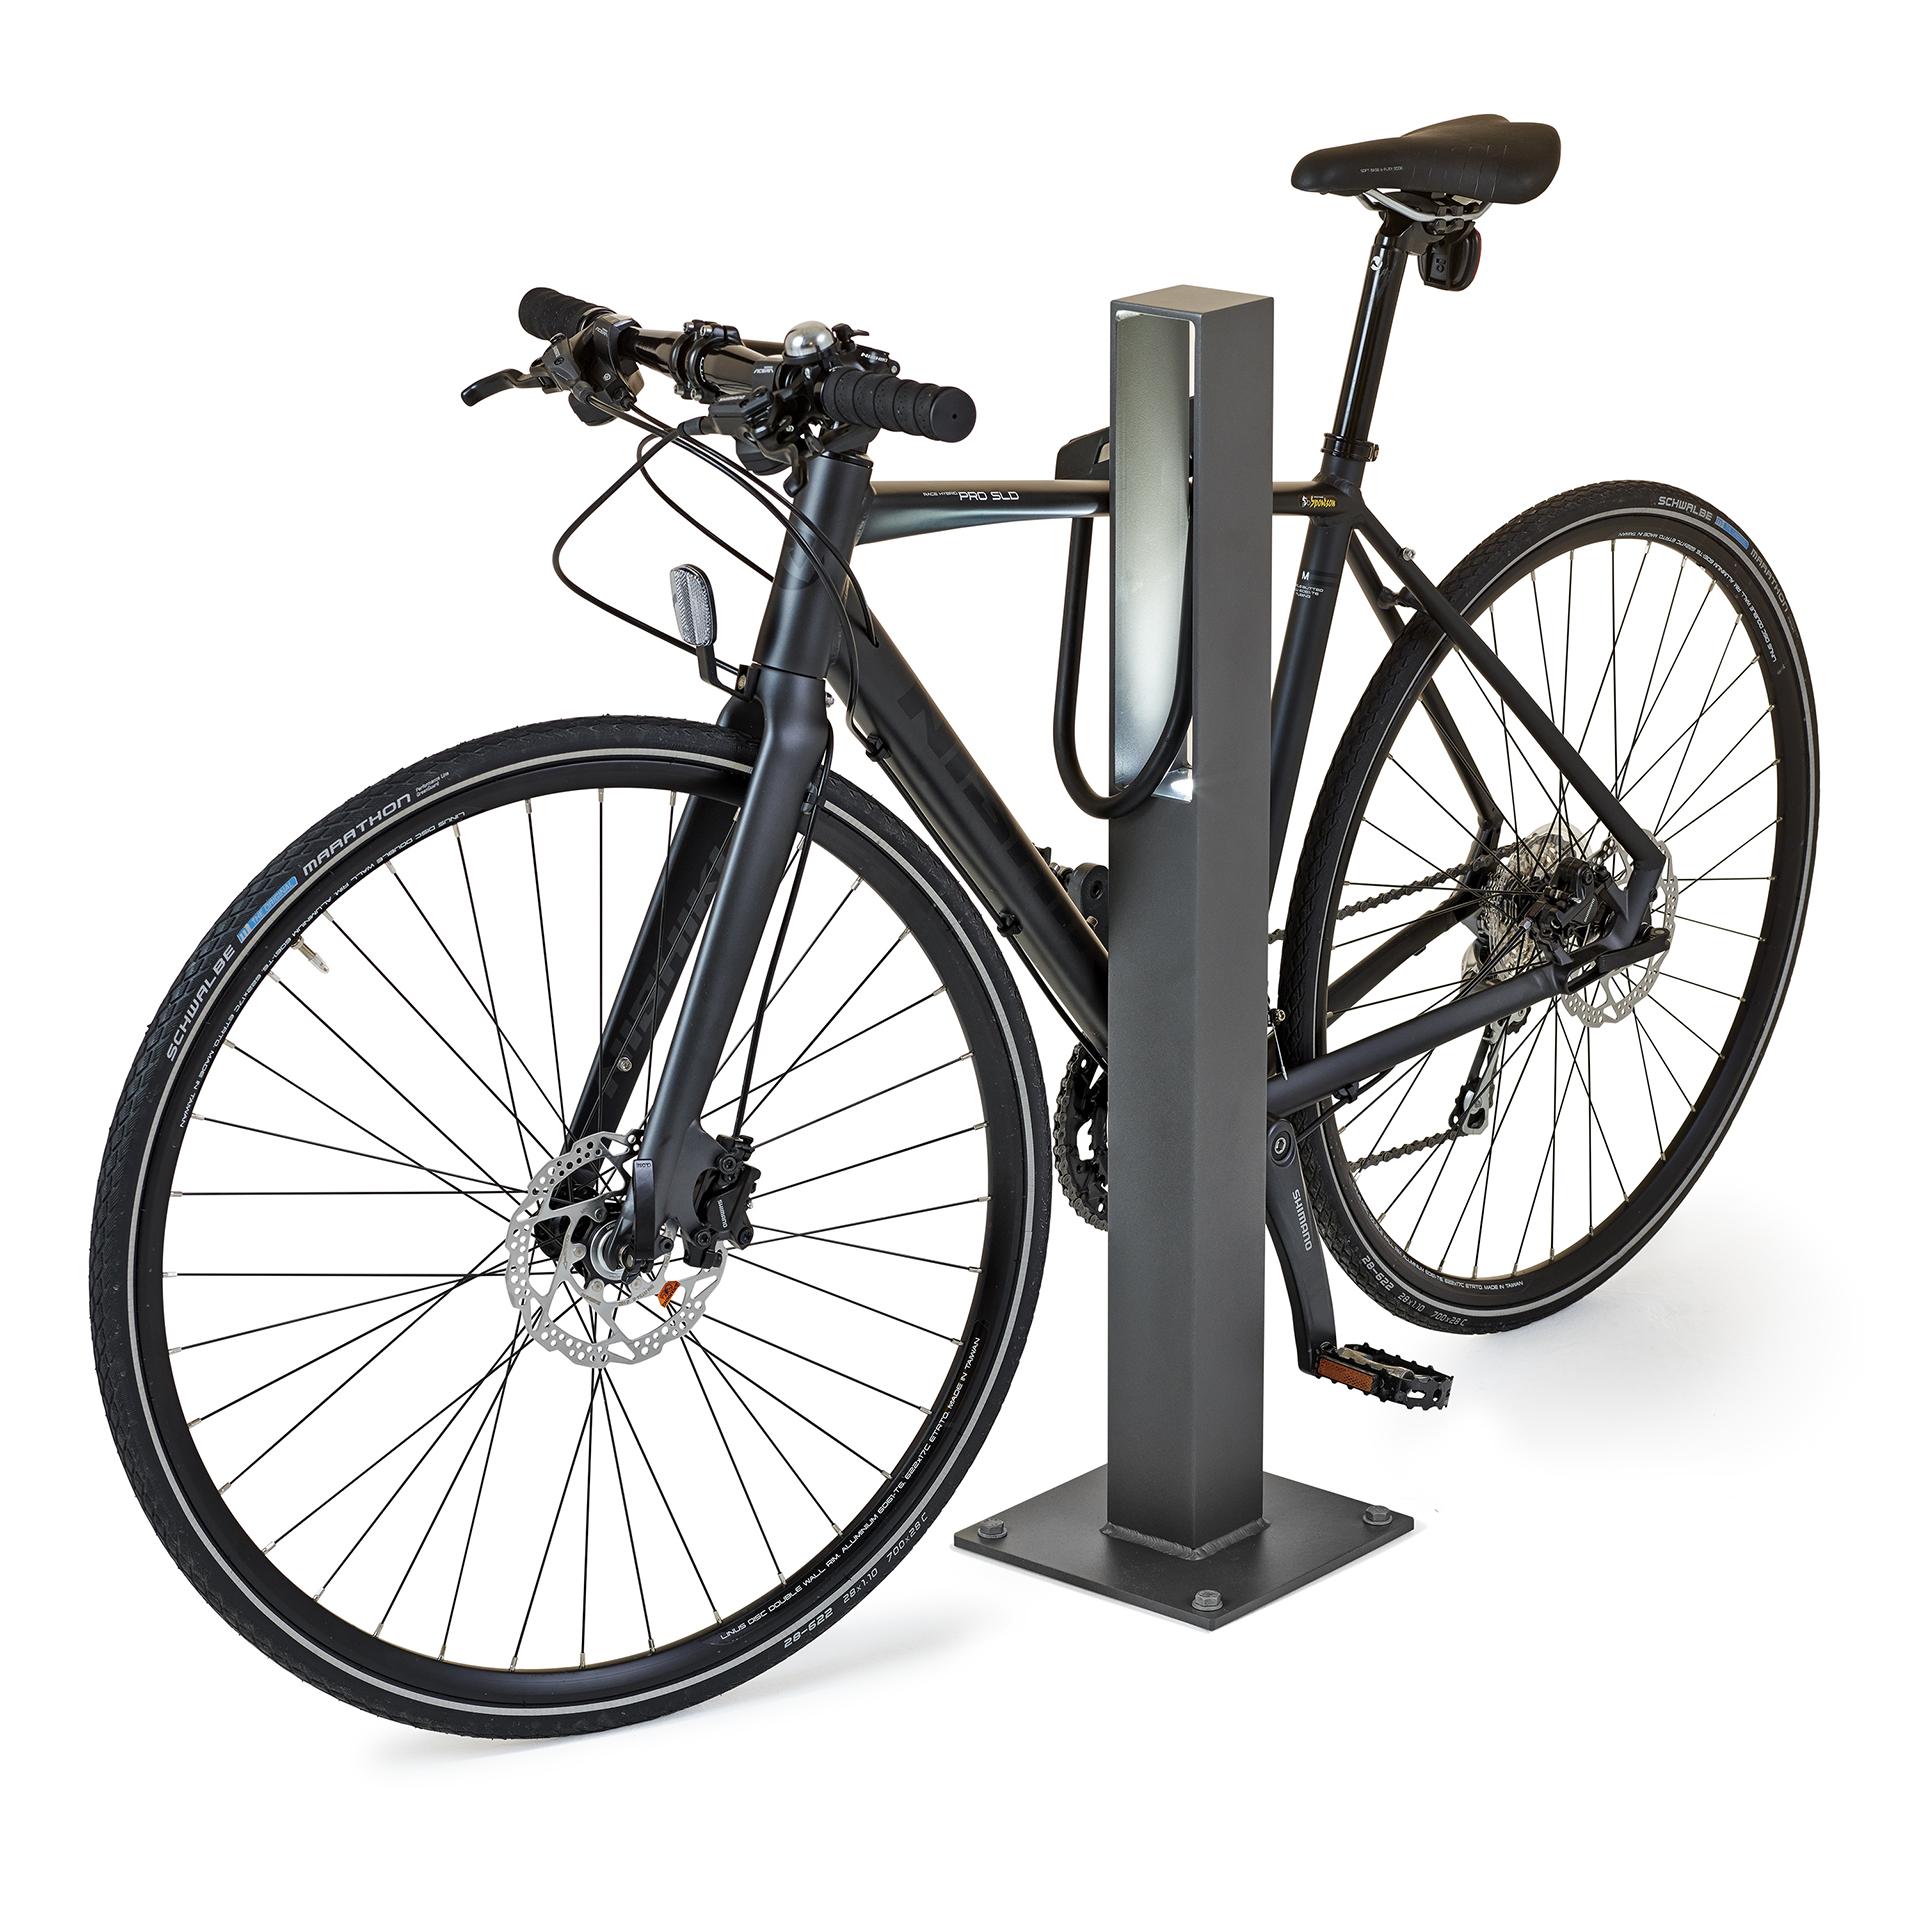 Blenda fietsbeugel kent een strak en modern design